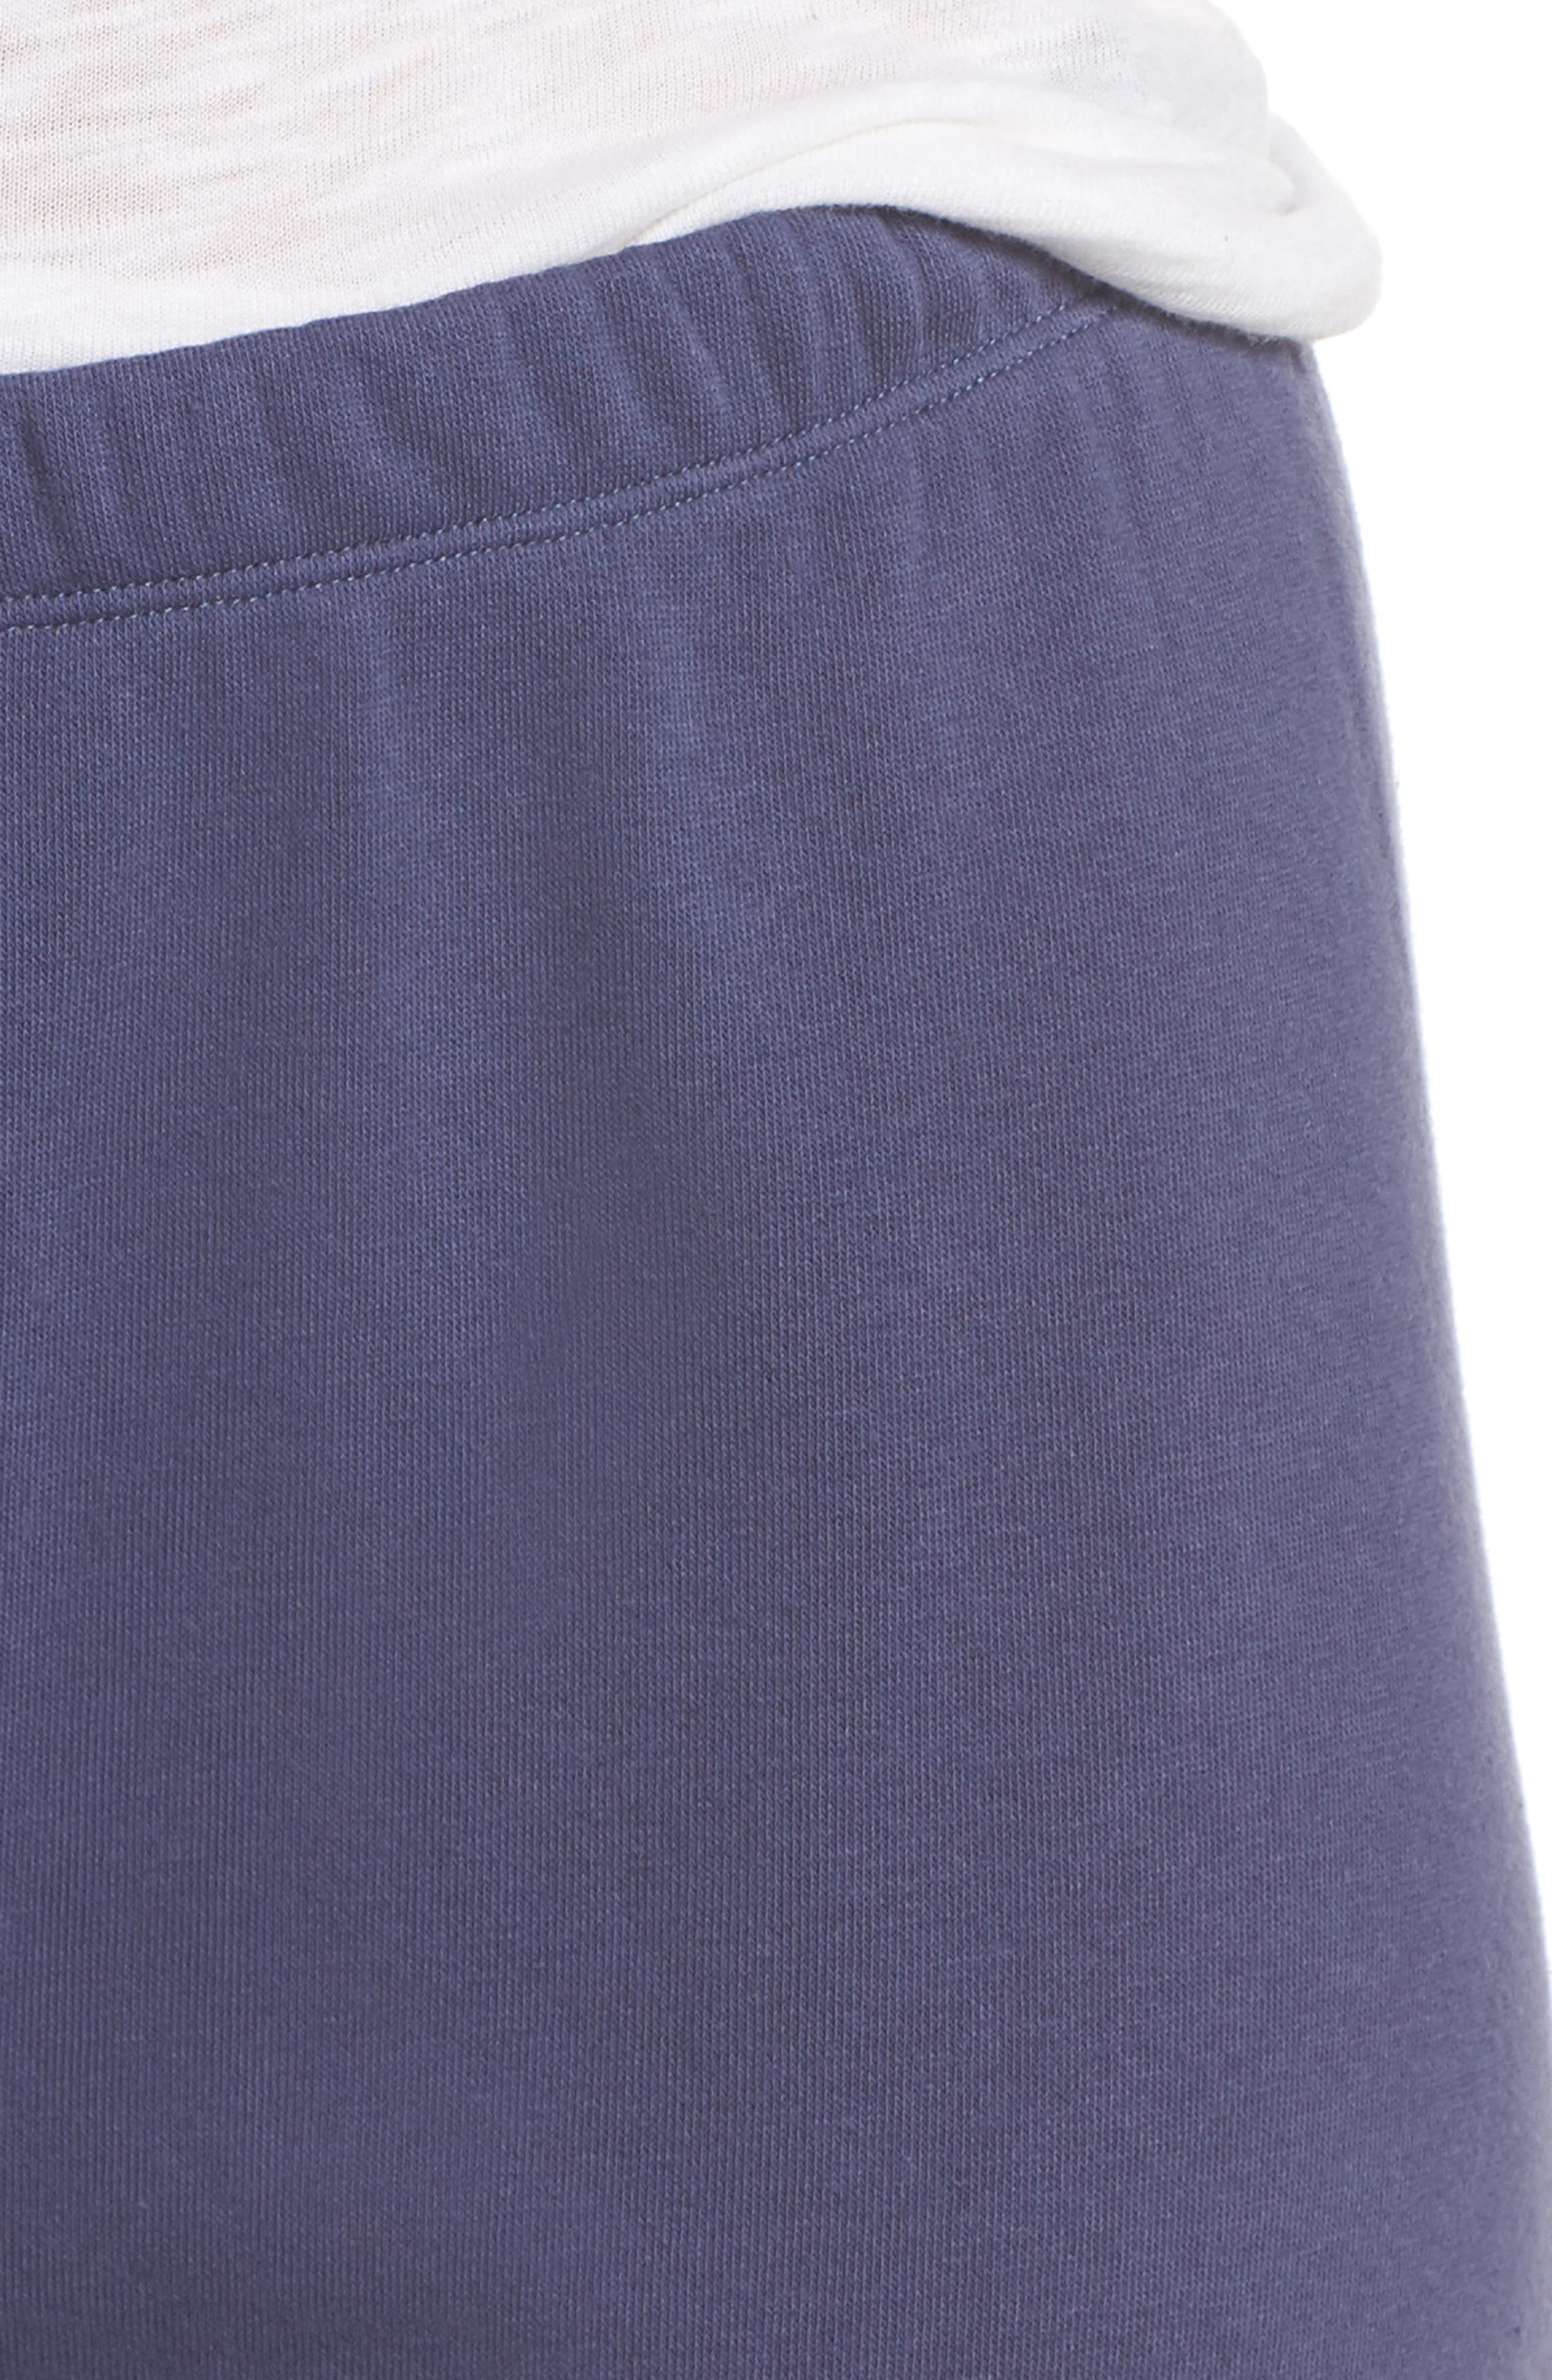 Sleepy High Rise Lounge Jogger Pants,                             Alternate thumbnail 6, color,                             Blue Indigo